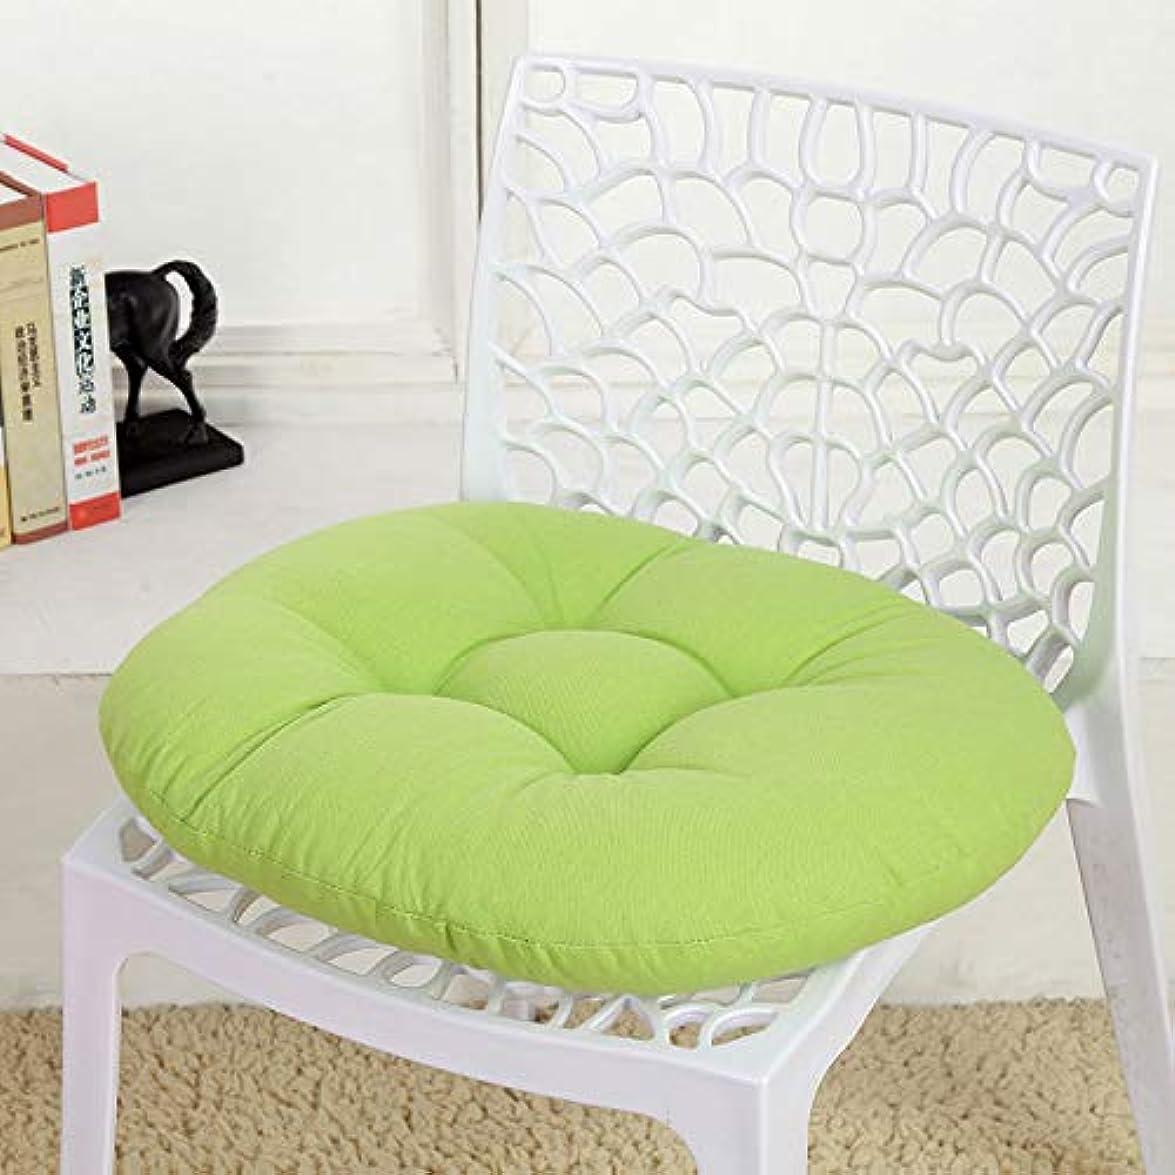 発行する第二にシットコムSMART キャンディカラーのクッションラウンドシートクッション波ウィンドウシートクッションクッション家の装飾パッドラウンド枕シート枕椅子座る枕 クッション 椅子